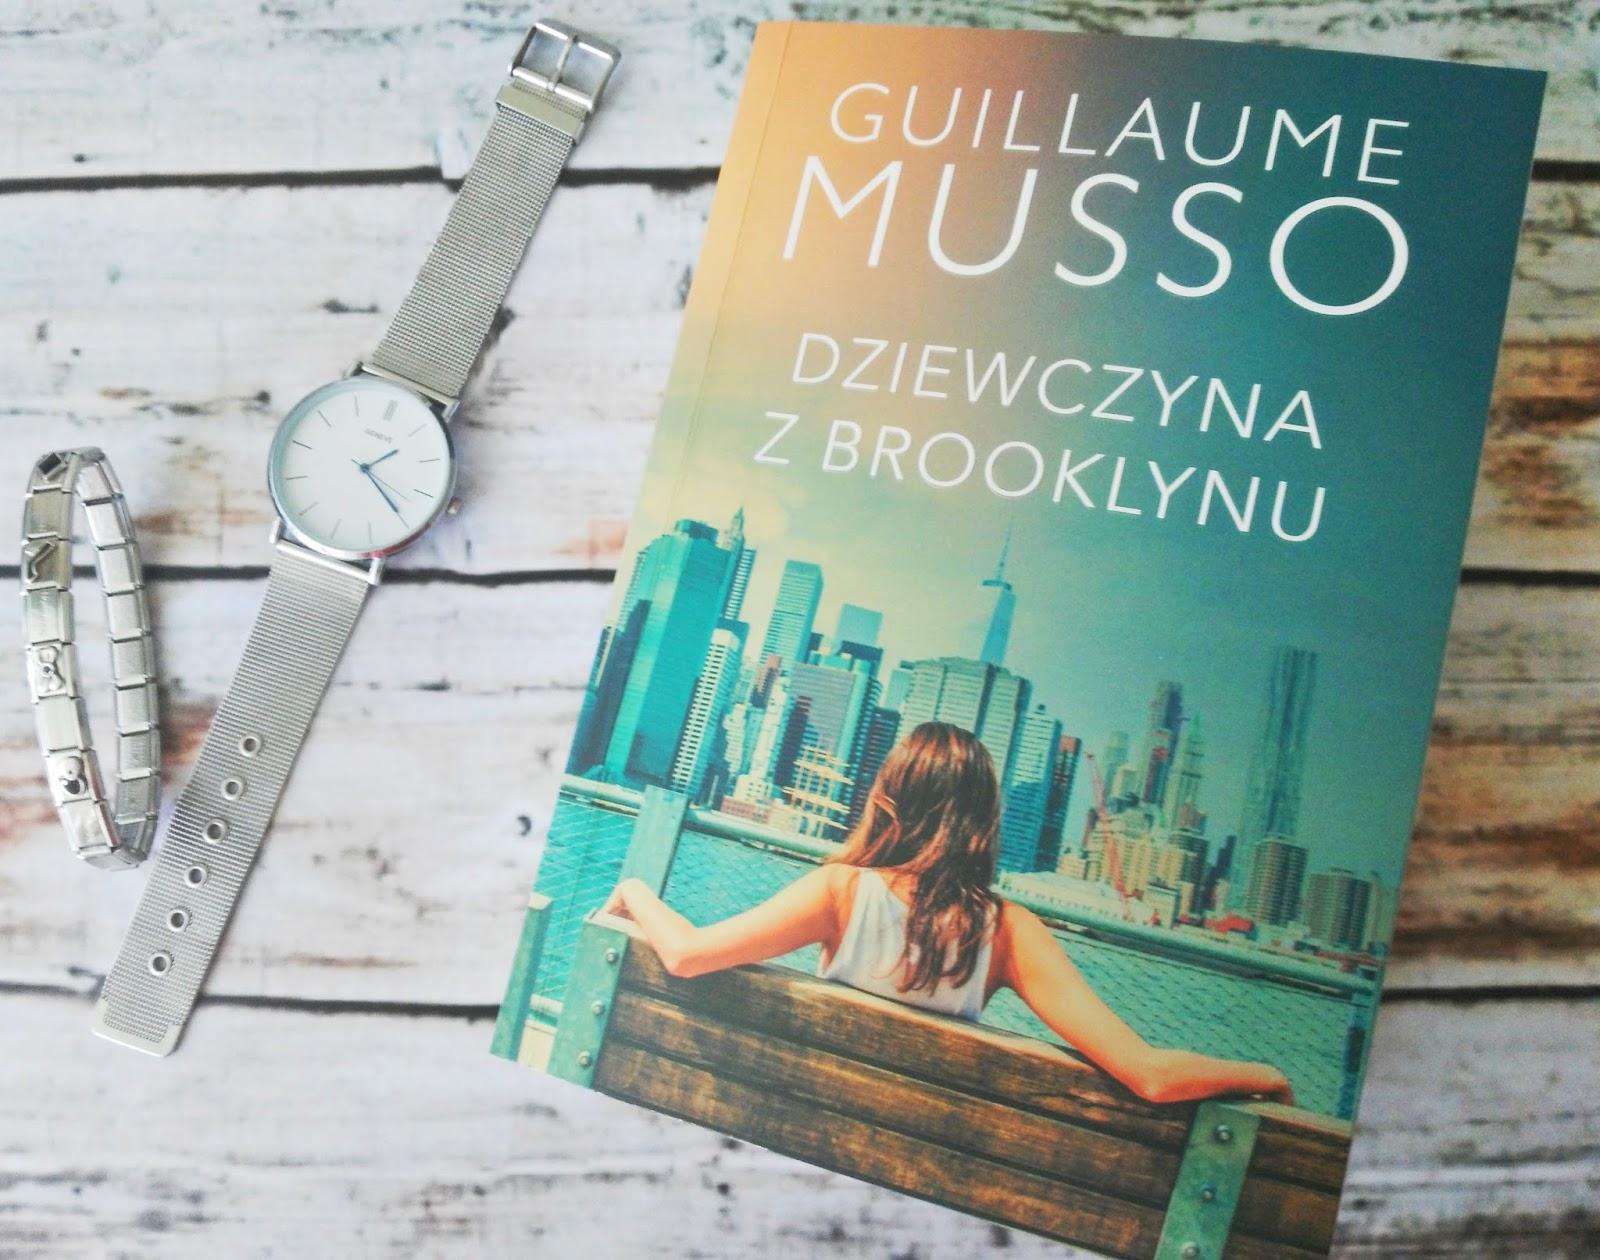 Musso   Guillaume- Dziewczyna z Brooklynu- recenzja